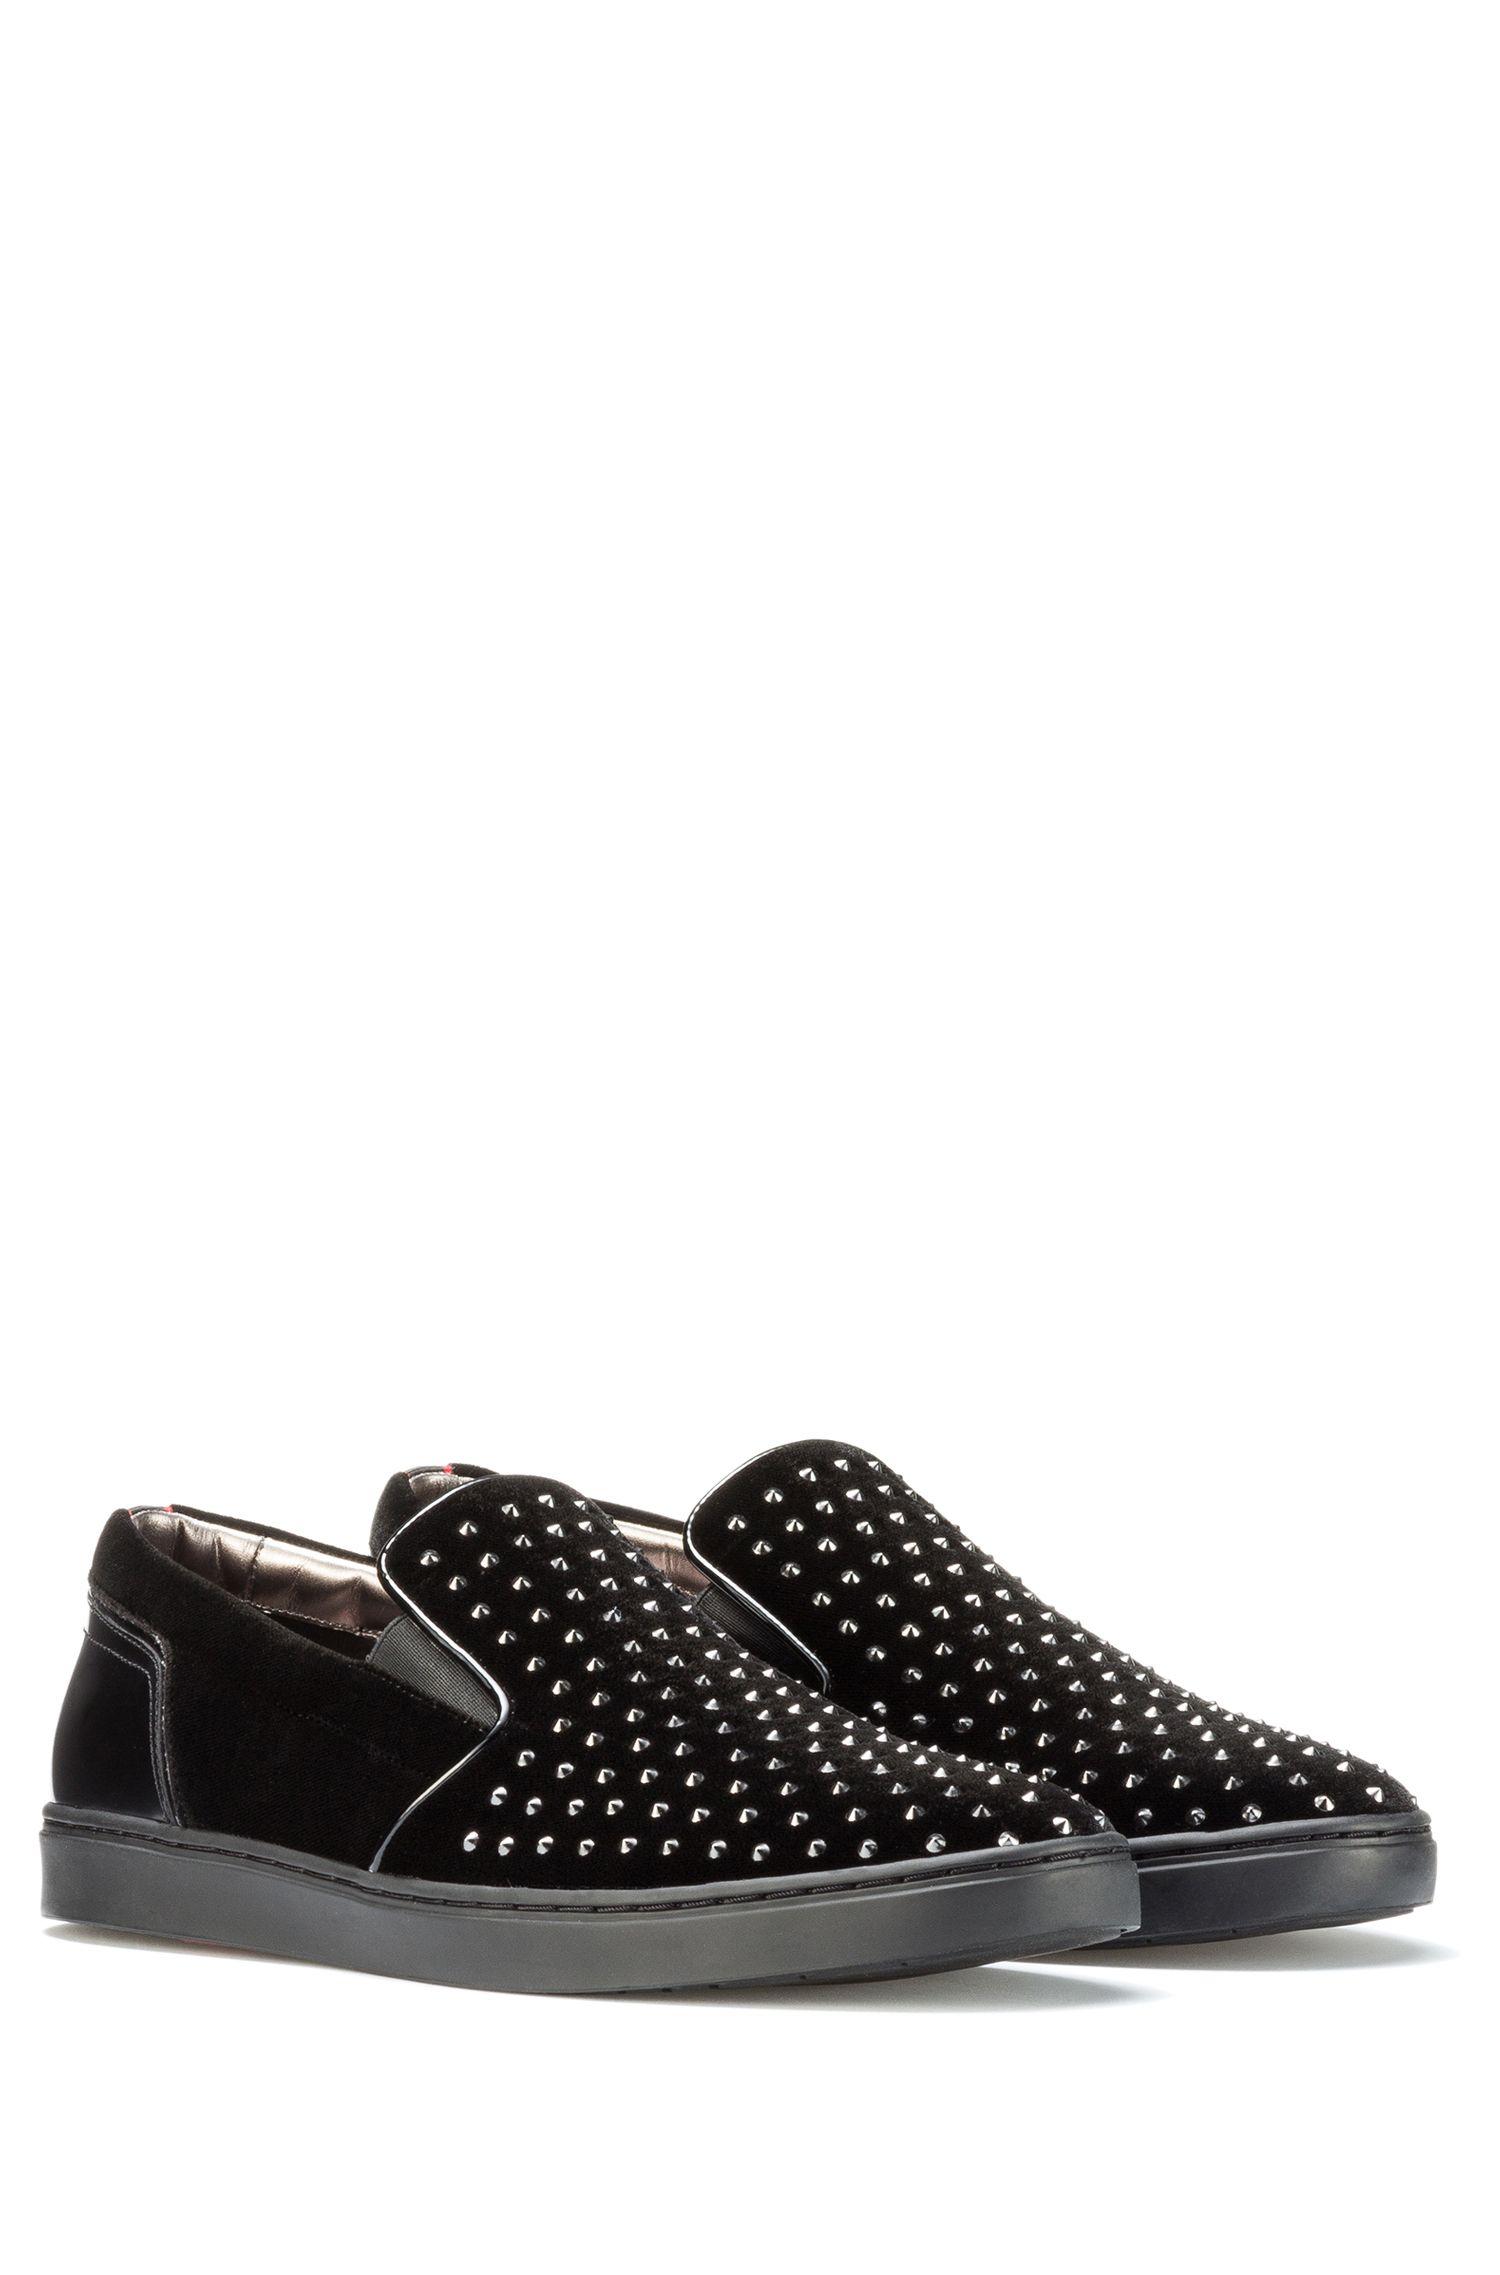 HUGO BOSS Hugo Boss Studded Velvet Slip-On Shoe Post Slon 7 Black